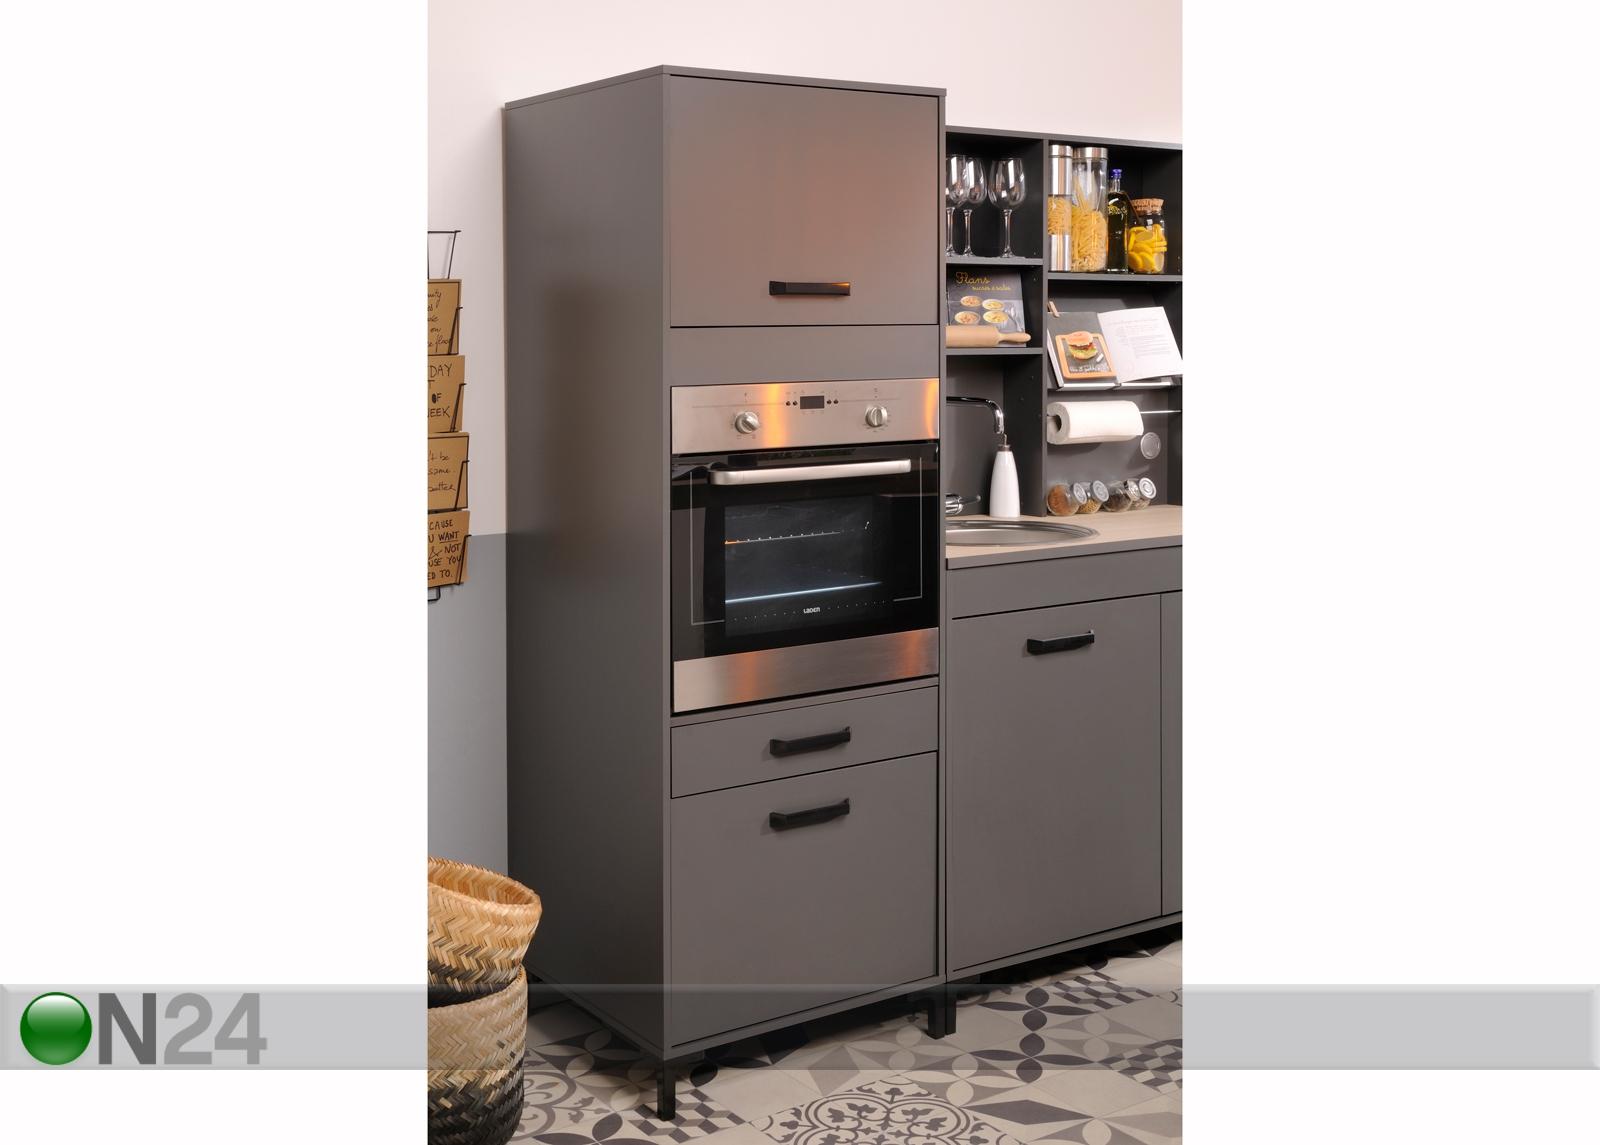 22f458e19f2 Mööbel ja kodukaubad › Köögimööbel ja köögitehnika › Alumised köögikapid ›  Kõrge köögikapp Moove